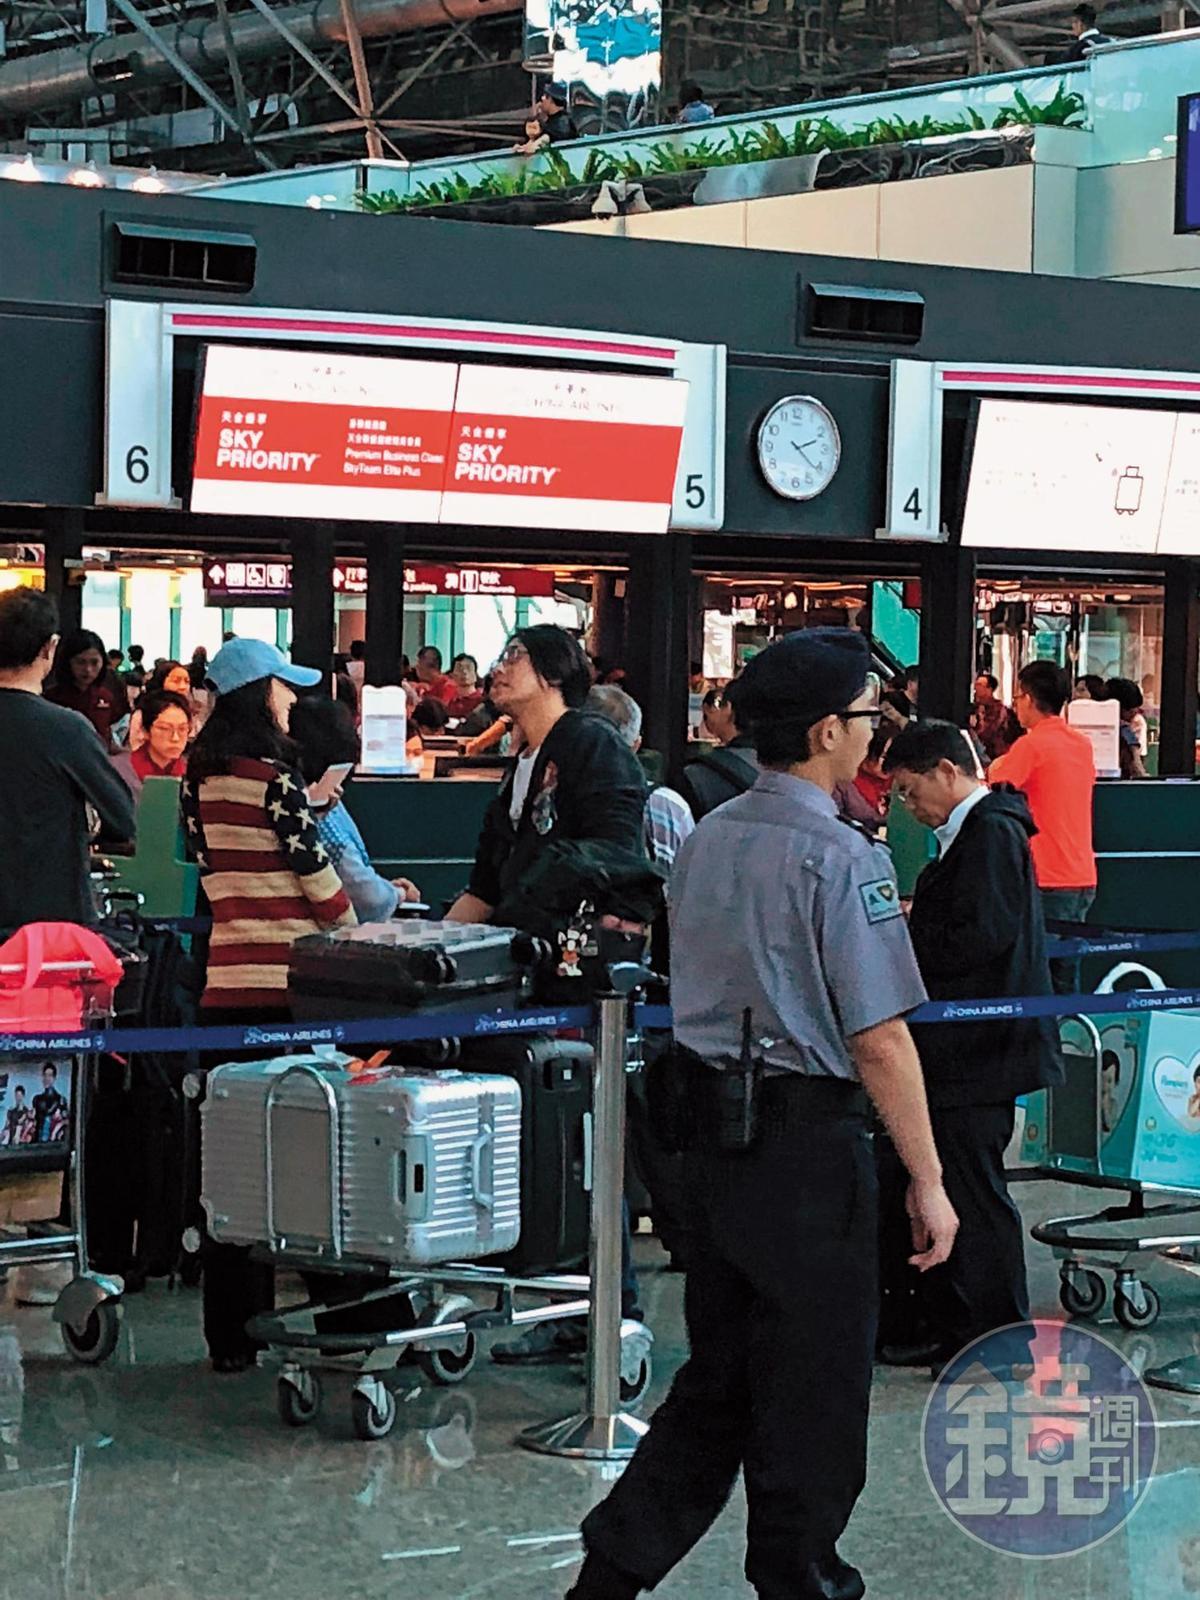 本刊讀者直擊腫脹的朱孝天(右)帶著老婆(左)去機場,一副準備要飛出國的樣子,小倆口看來感情頗為要好。